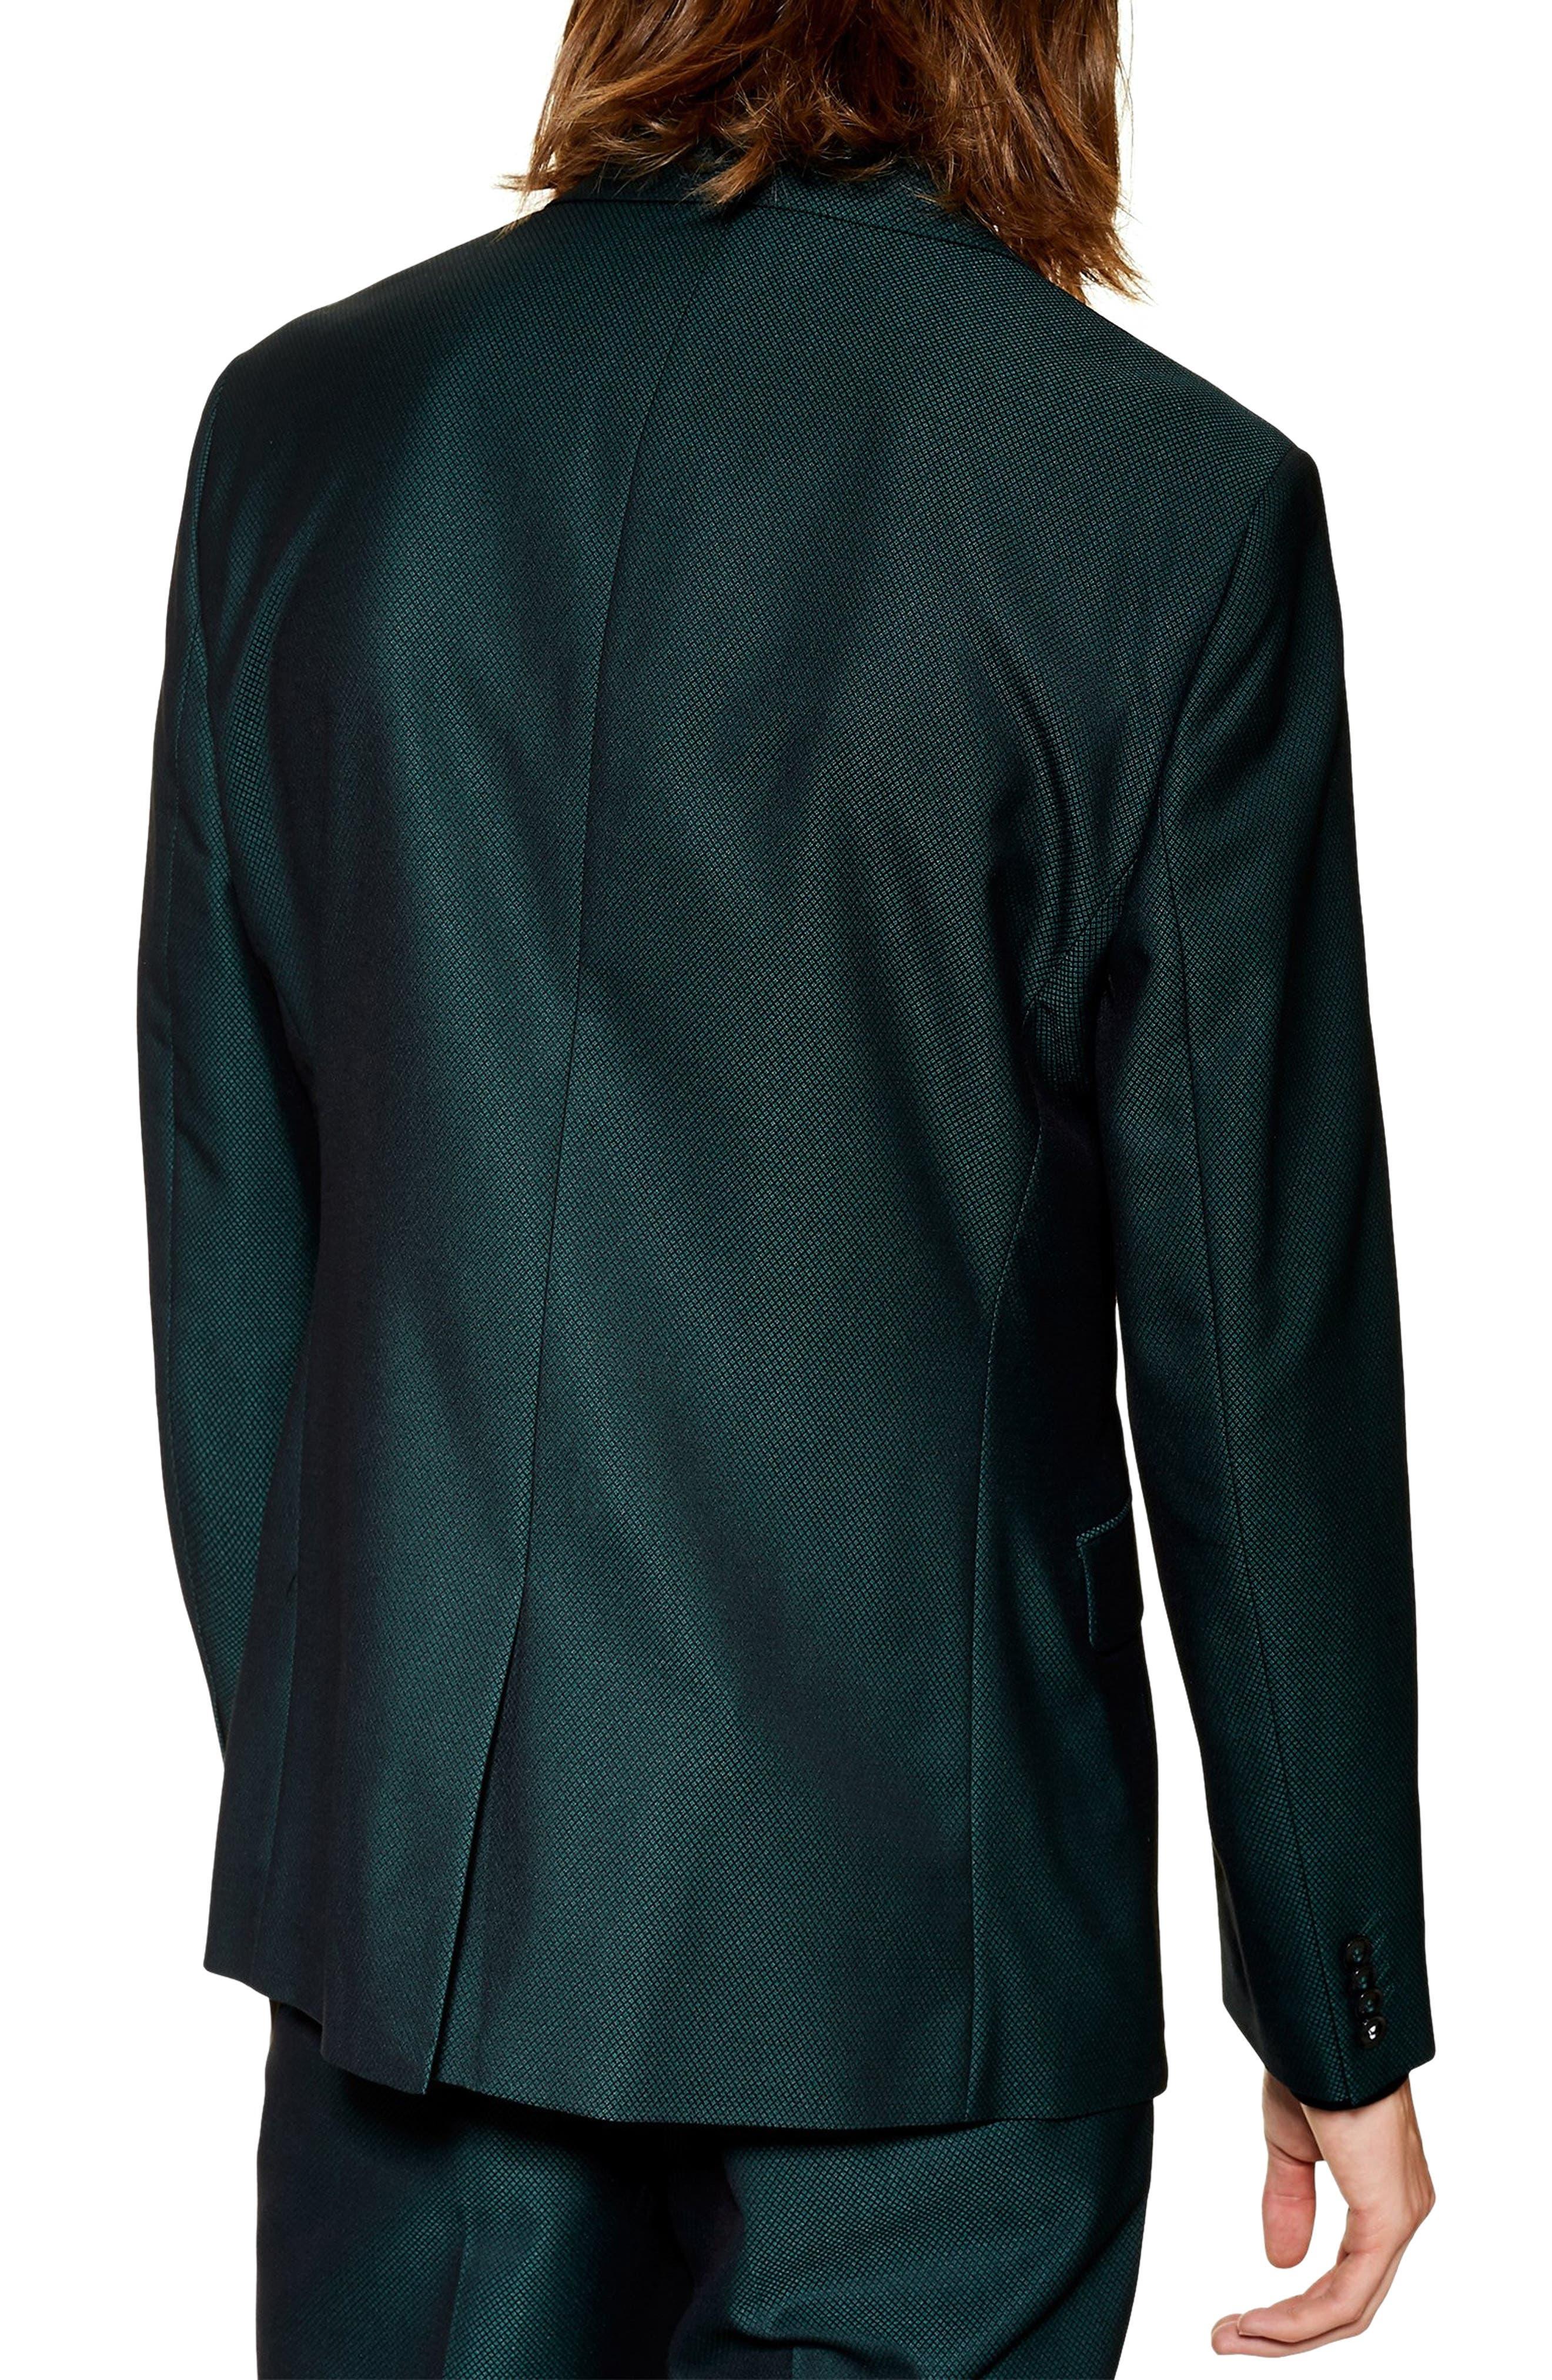 Banbury Slim Fit Suit Jacket,                             Alternate thumbnail 2, color,                             GREEN